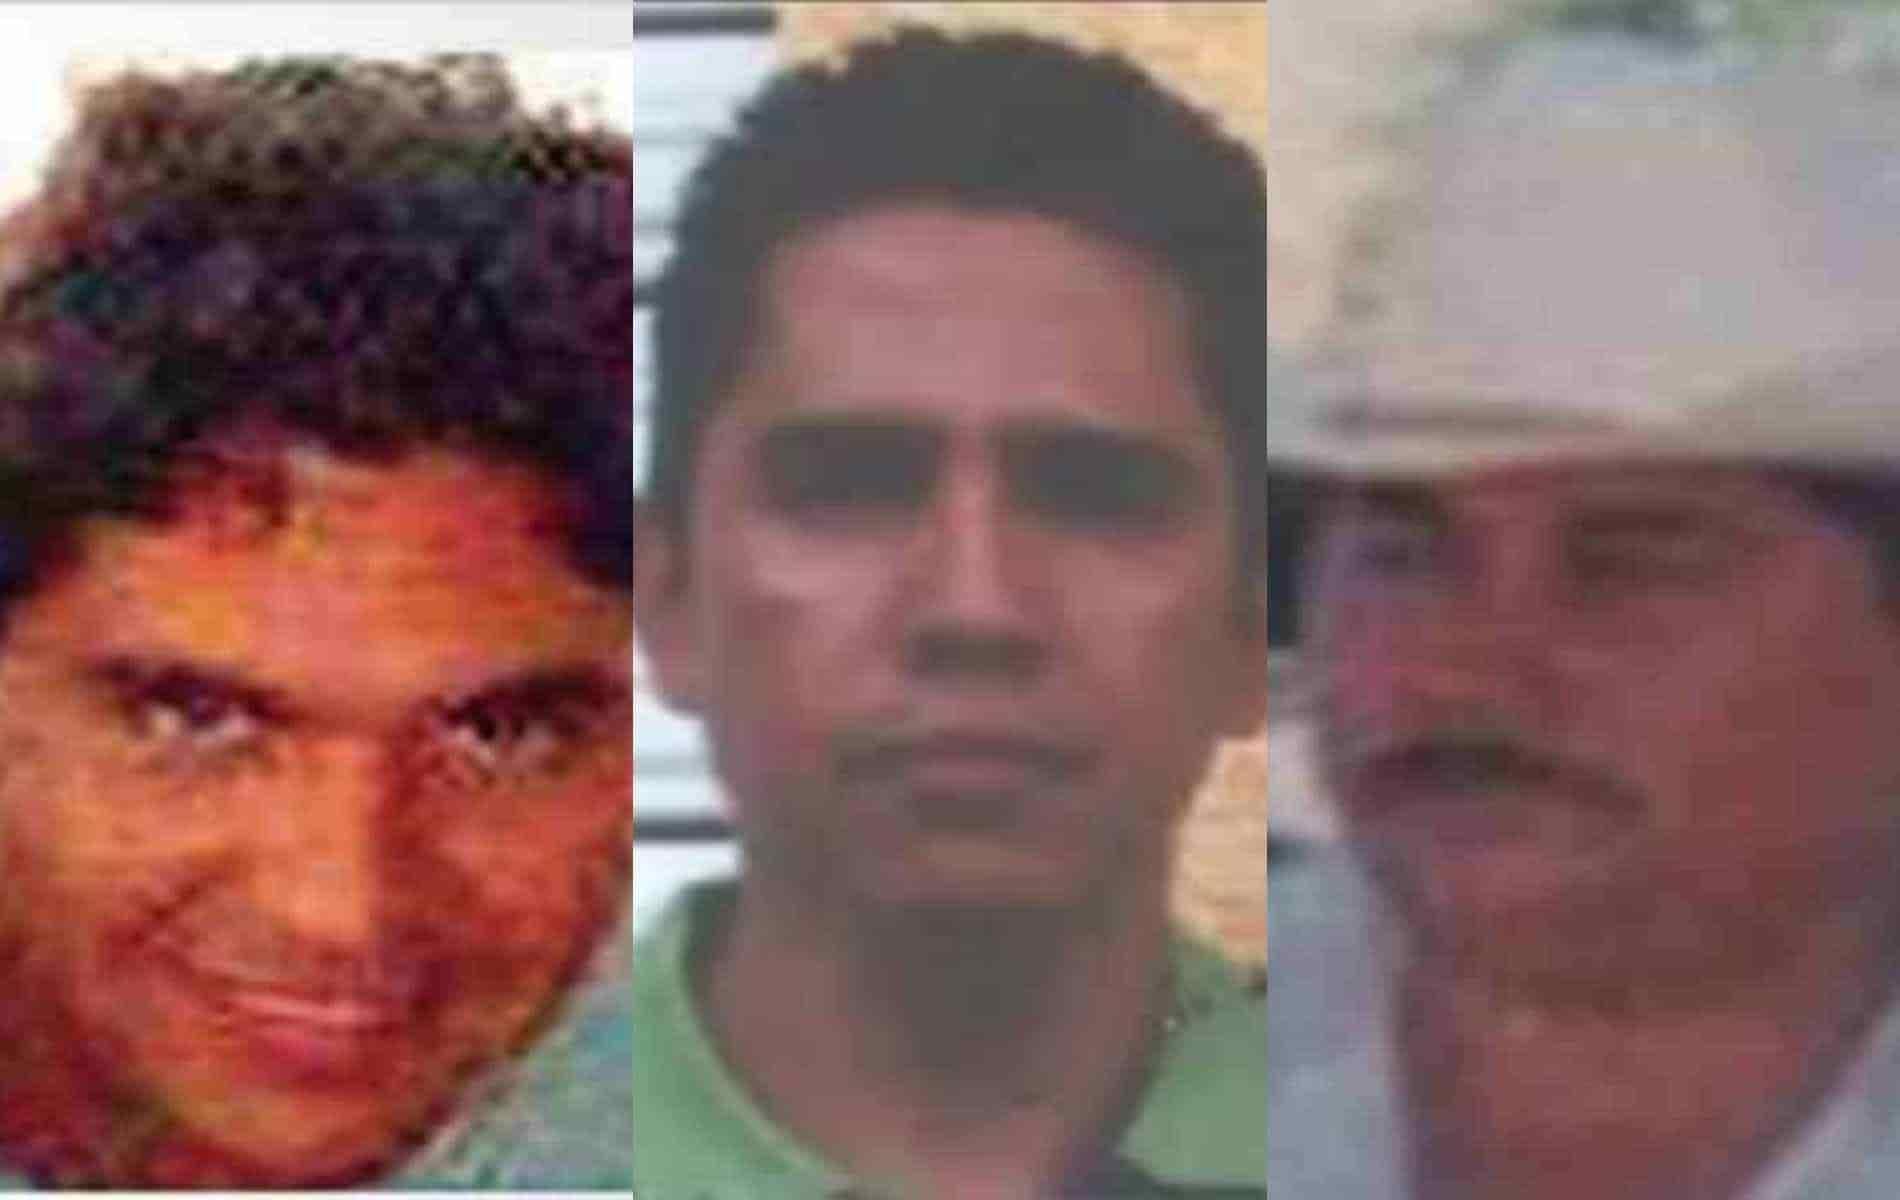 """Jefes de la Familia Michoacana, """"El Tuerto, Lalo el Mantecoso, La Fresa y El Pez"""", este ultimo es el que amenazo directamente a Zudikey Rodríguez"""